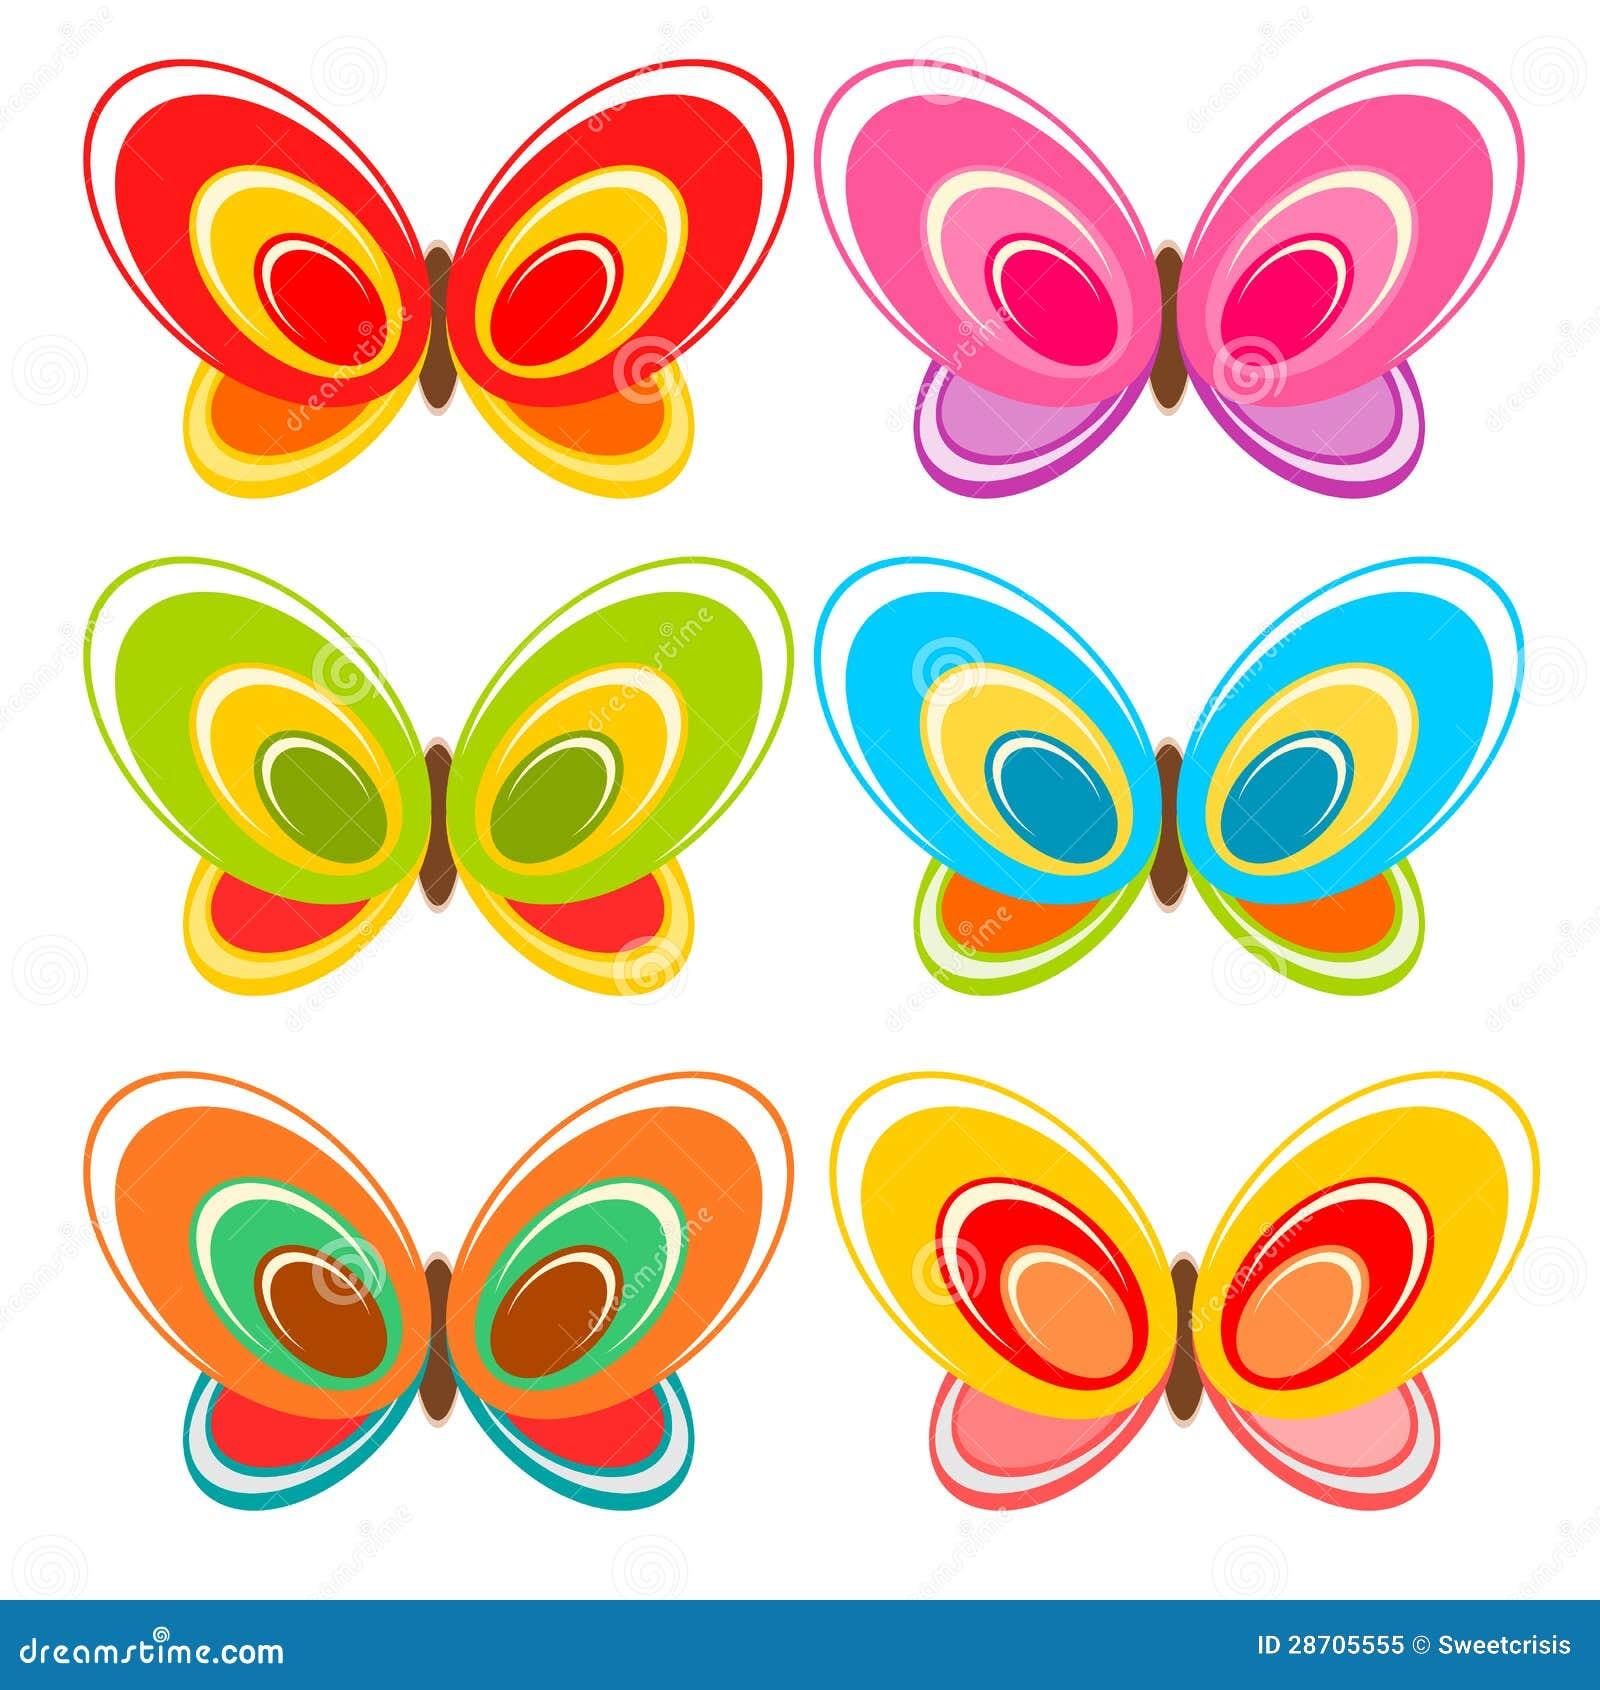 Melhor De Desenhos De Borboletas Para Imprimir Coloridas